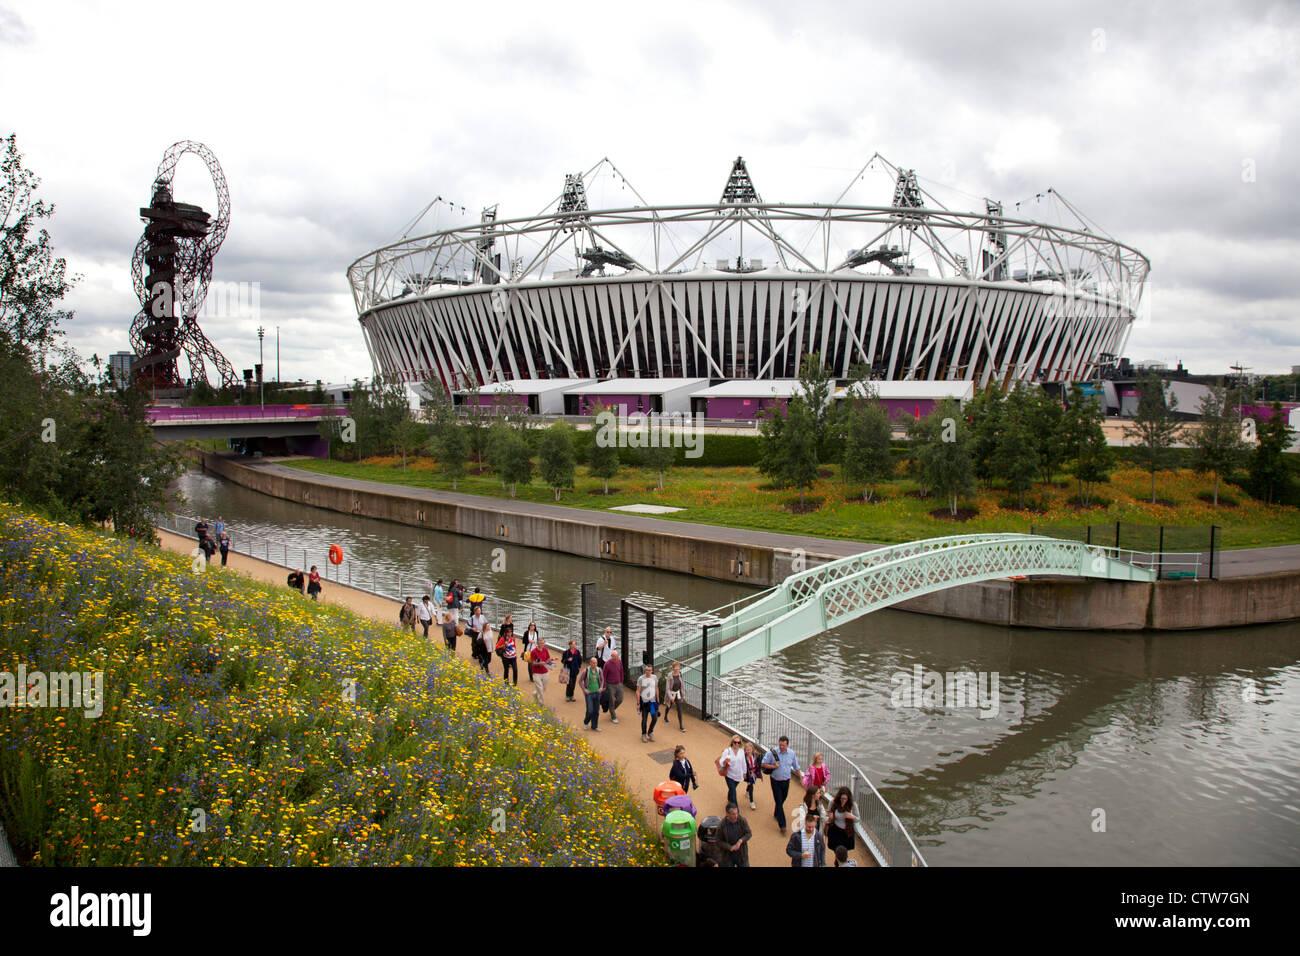 El Parque Olímpico de Londres 2012, en Stratford. El sitio es un hermoso paisaje con jardines de flores silvestres todas florecidas. Foto de stock